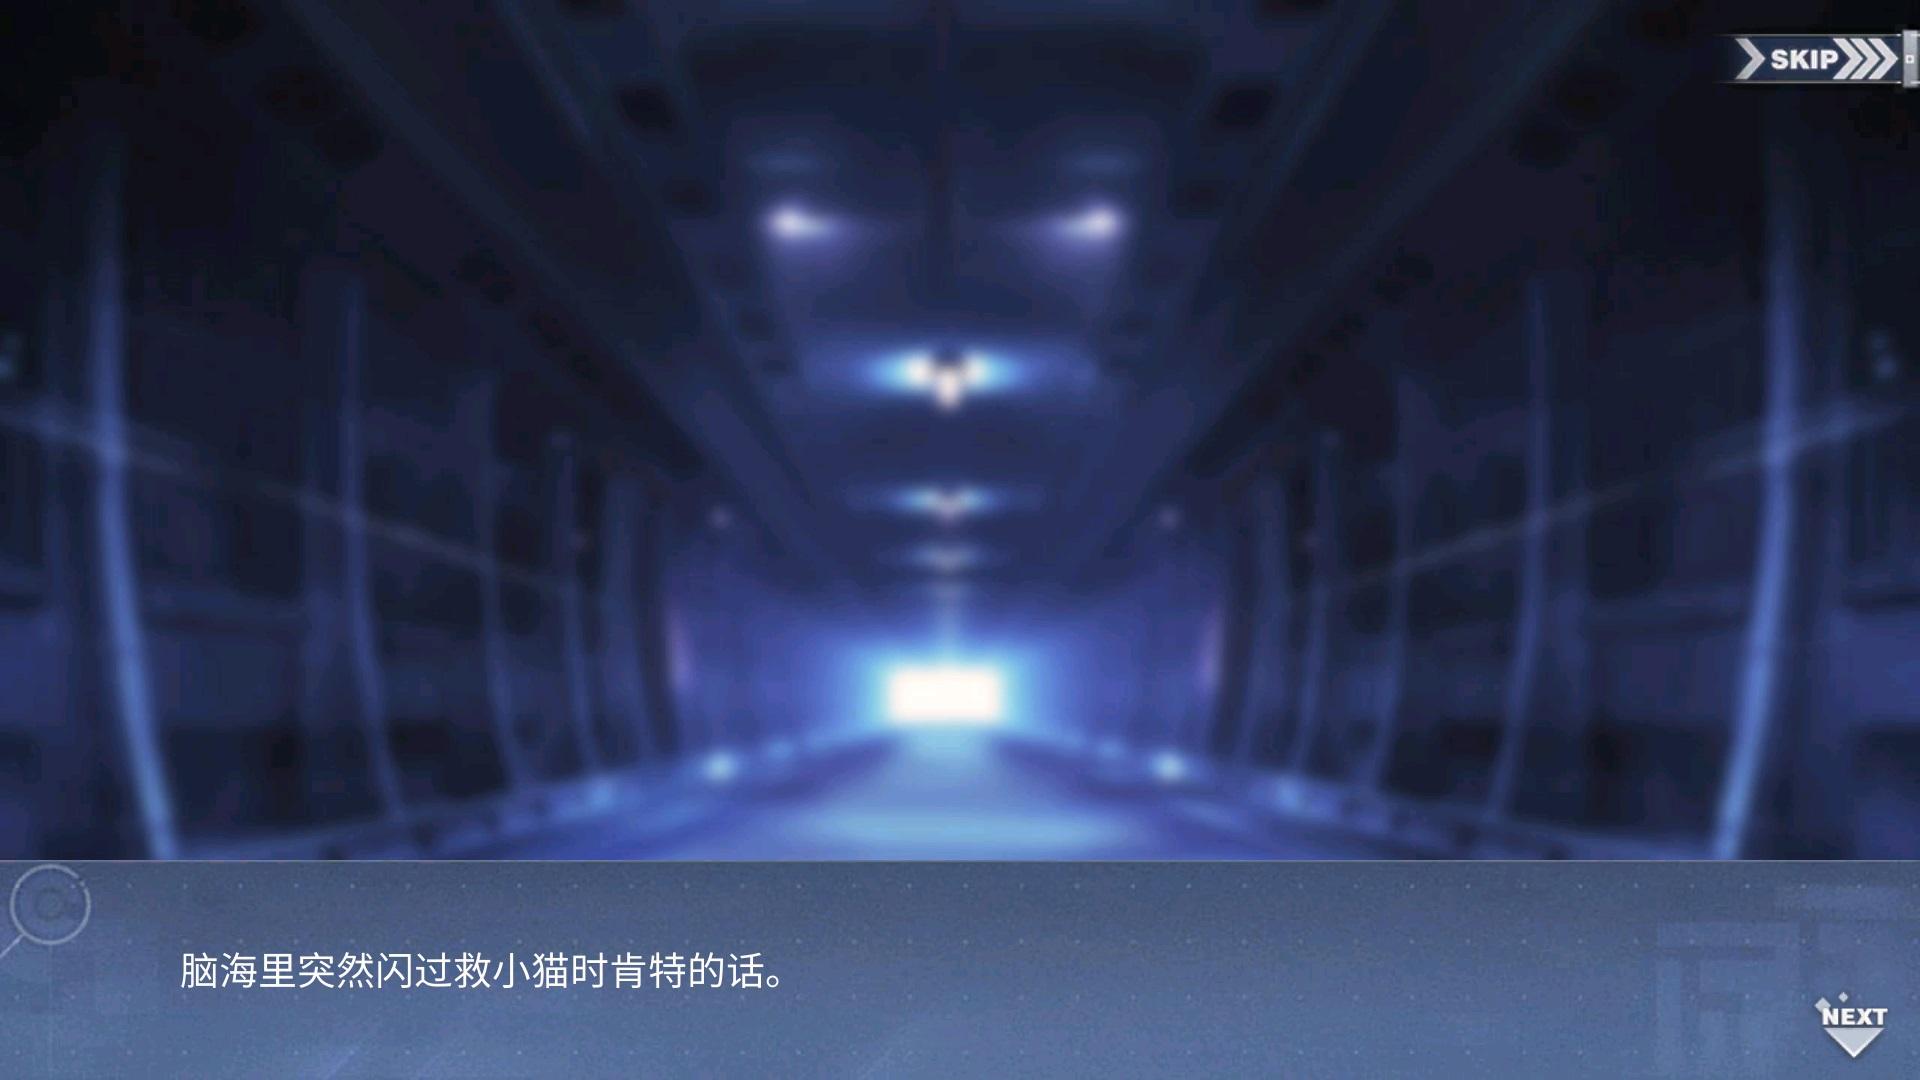 回忆 GO!肯特选手! 黑夜里的光!010.jpg